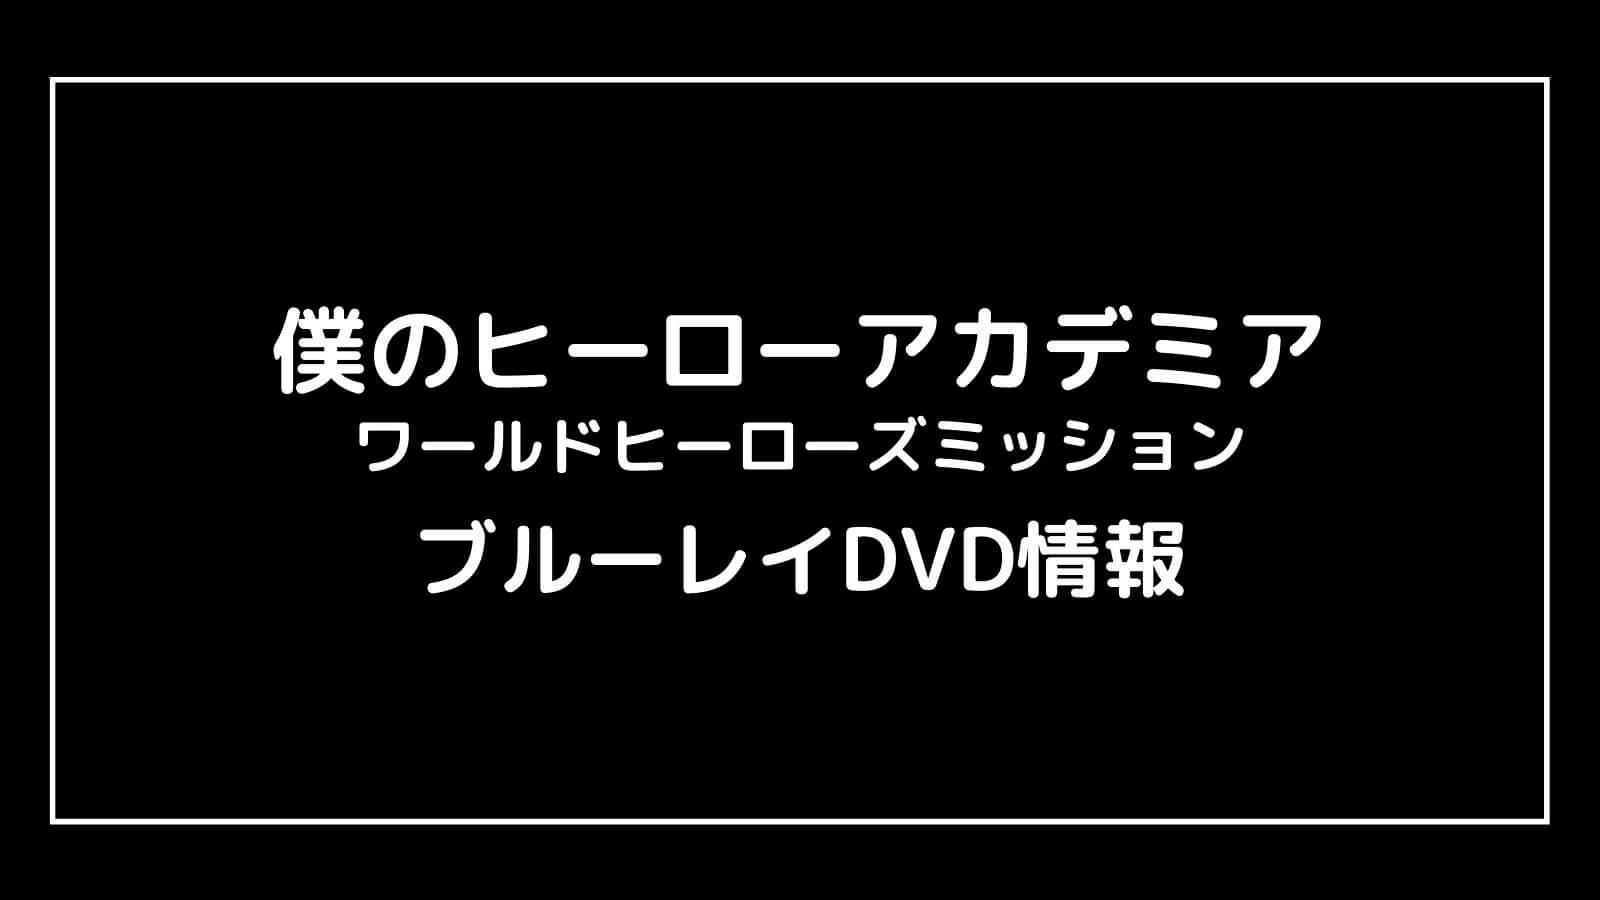 映画『僕のヒーローアカデミア3』のDVD発売日と予約開始日はいつから?ヒロアカ円盤情報まとめ【 ワールドヒーローズミッション】